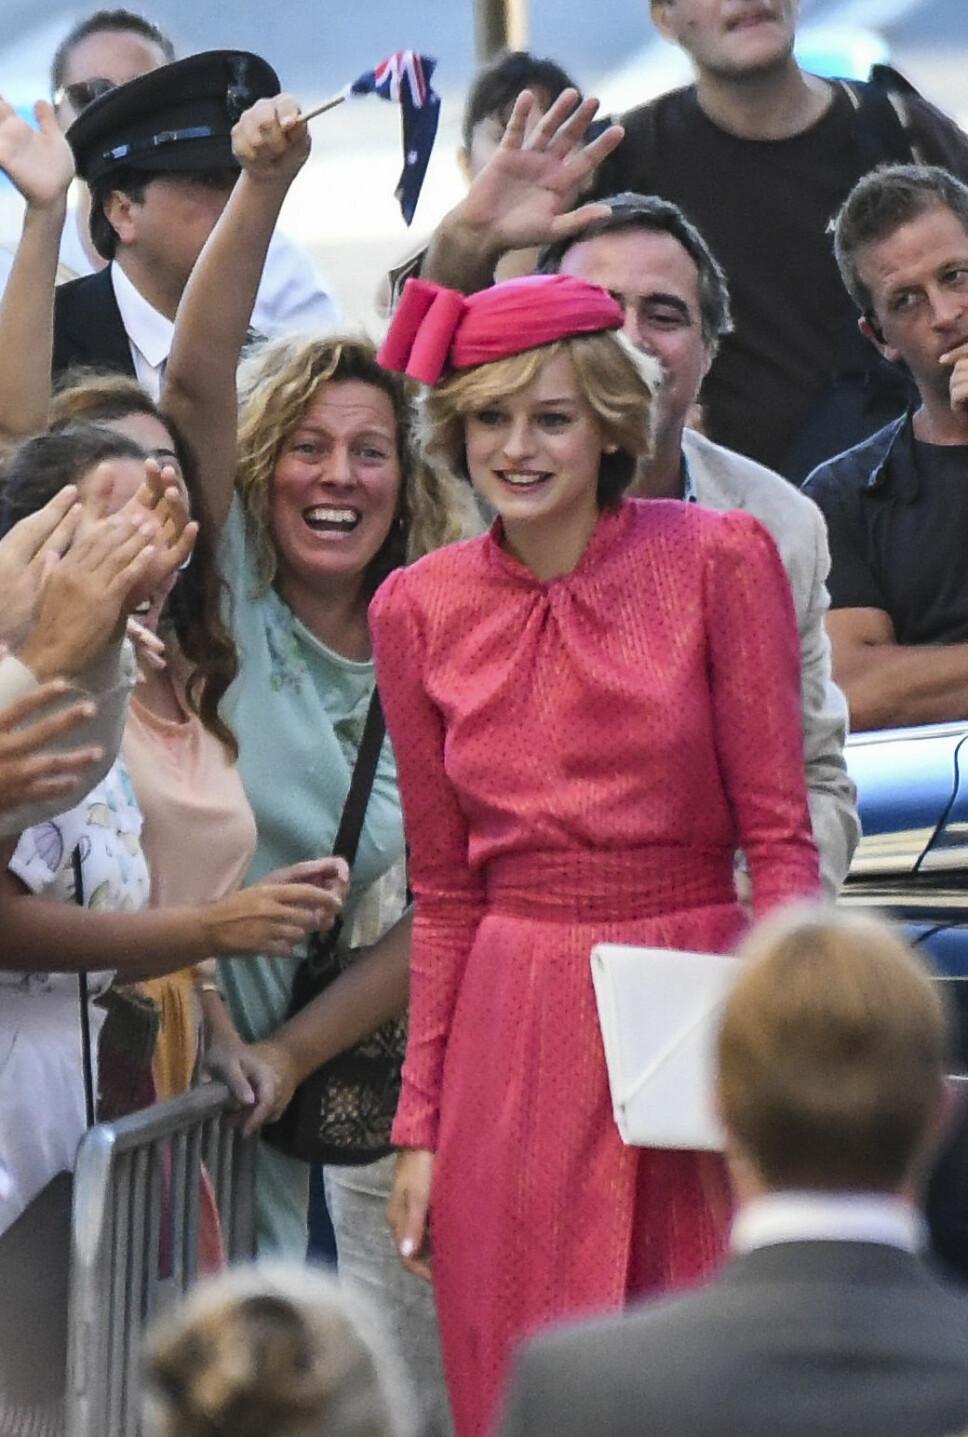 INNSPILLINGEN: Emma Corrin i rollen som prinsesse Diana under innspillingen av «The Crown» sesong fire. Scenen er fra da prinsesse Diana hilste på fremmøtte fans utenfor Fremantle Hospital i Perth under Australia-reisen i 1983.